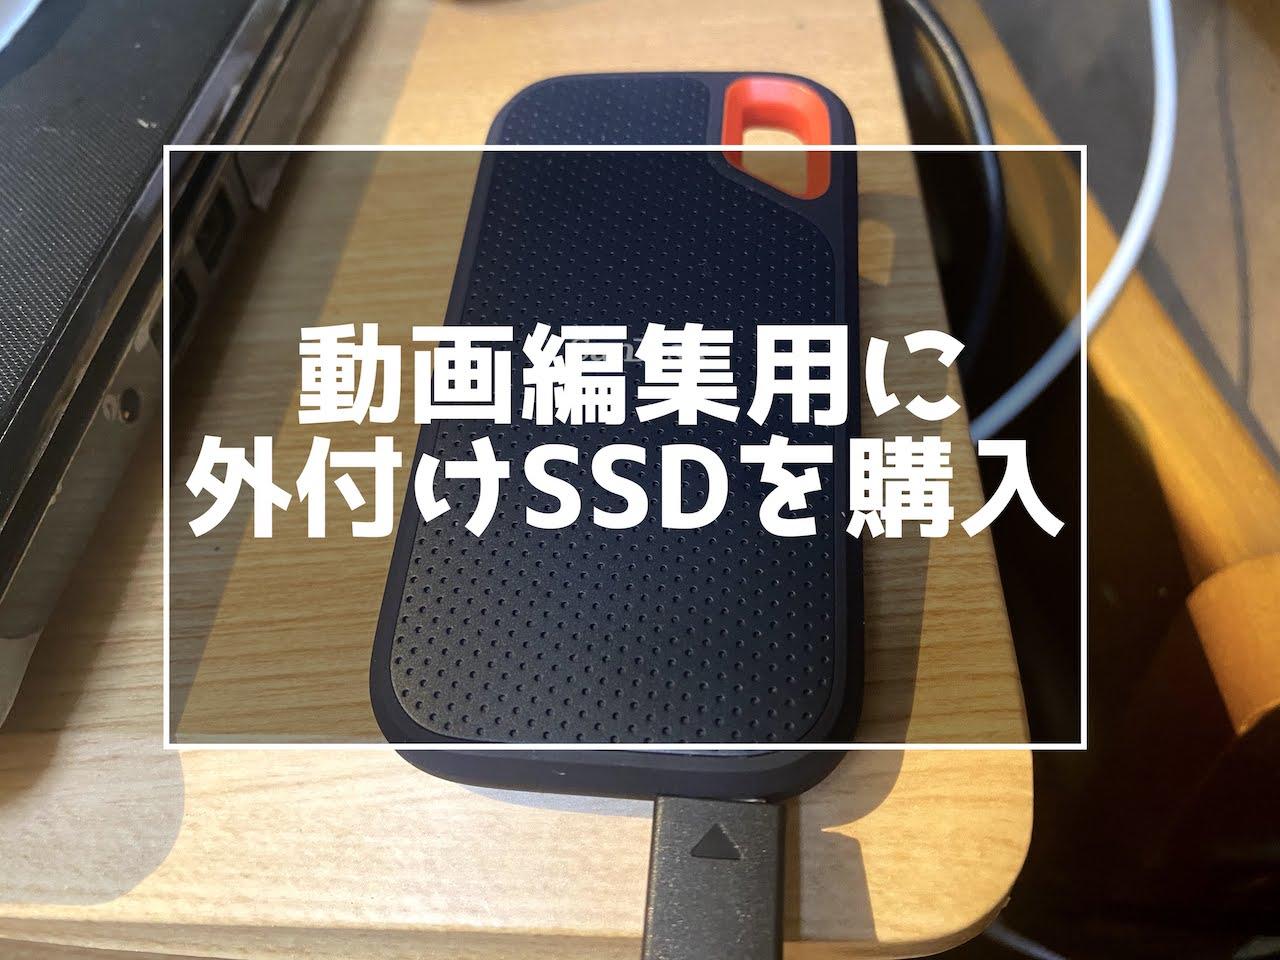 動画編集用に外付けSSDを購入しました